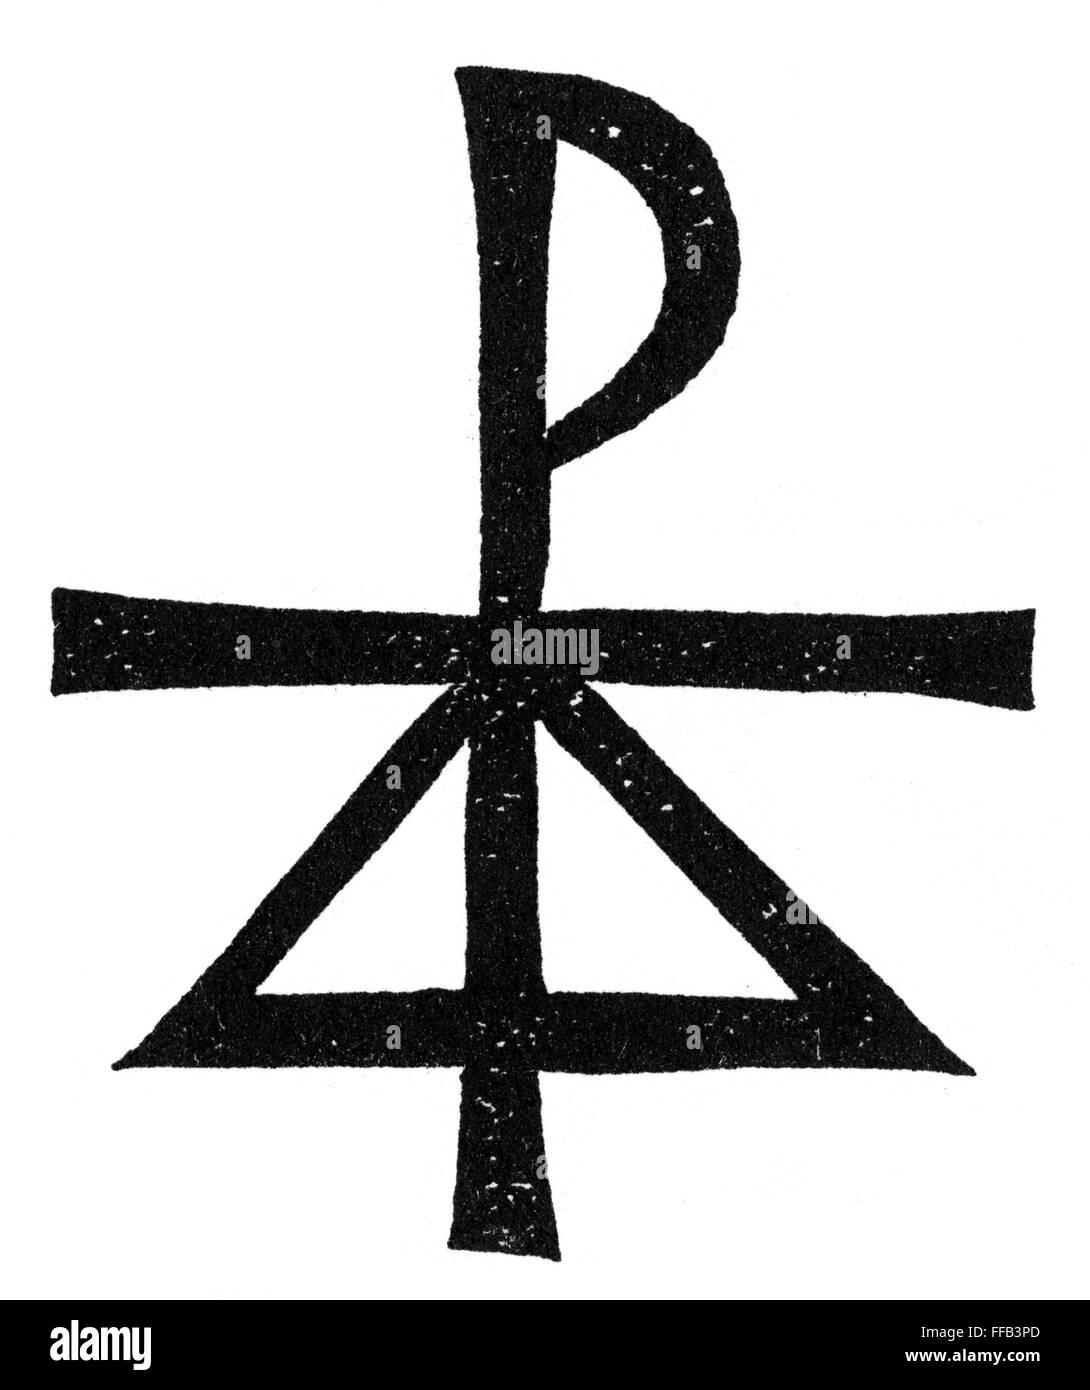 Symbols Holy Trinity Nwoodcut German Stock Photo 95516133 Alamy